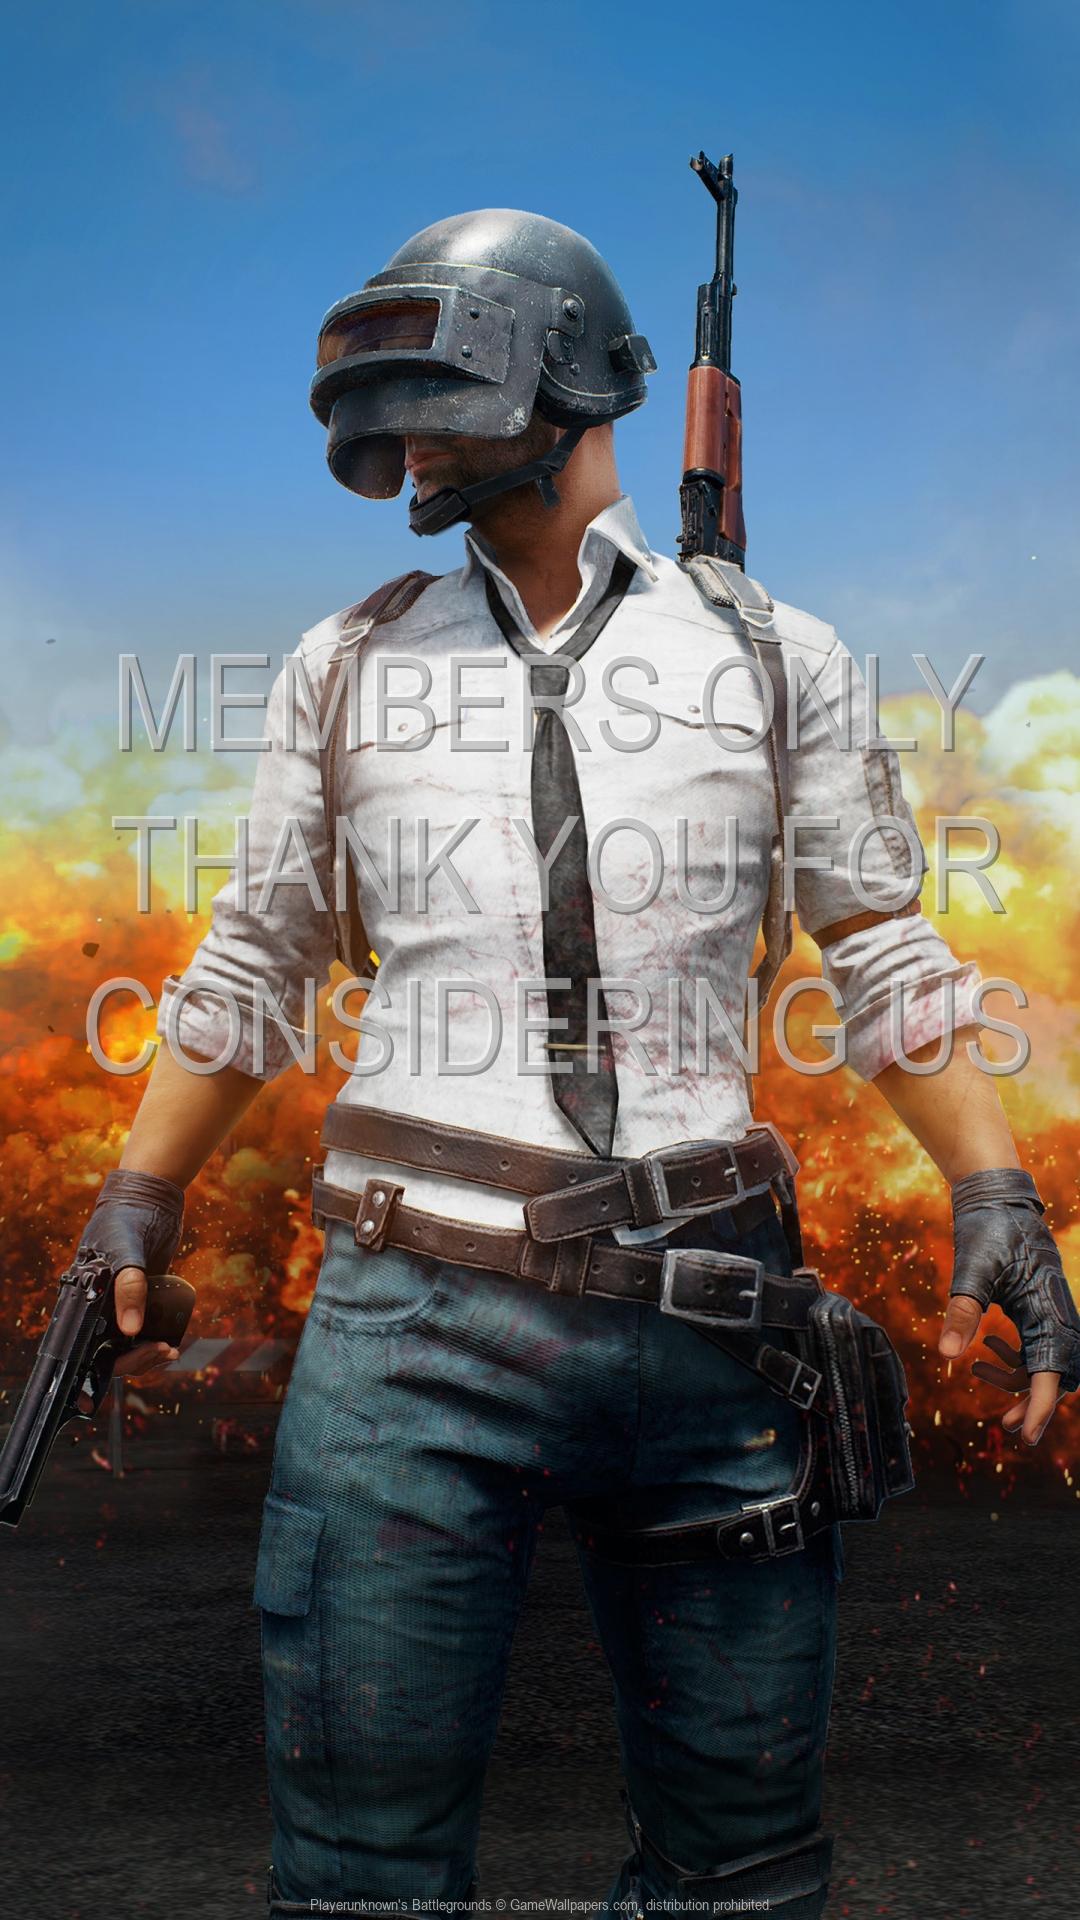 Playerunknown's Battlegrounds 1920x1080 Mobile fond d'écran 01